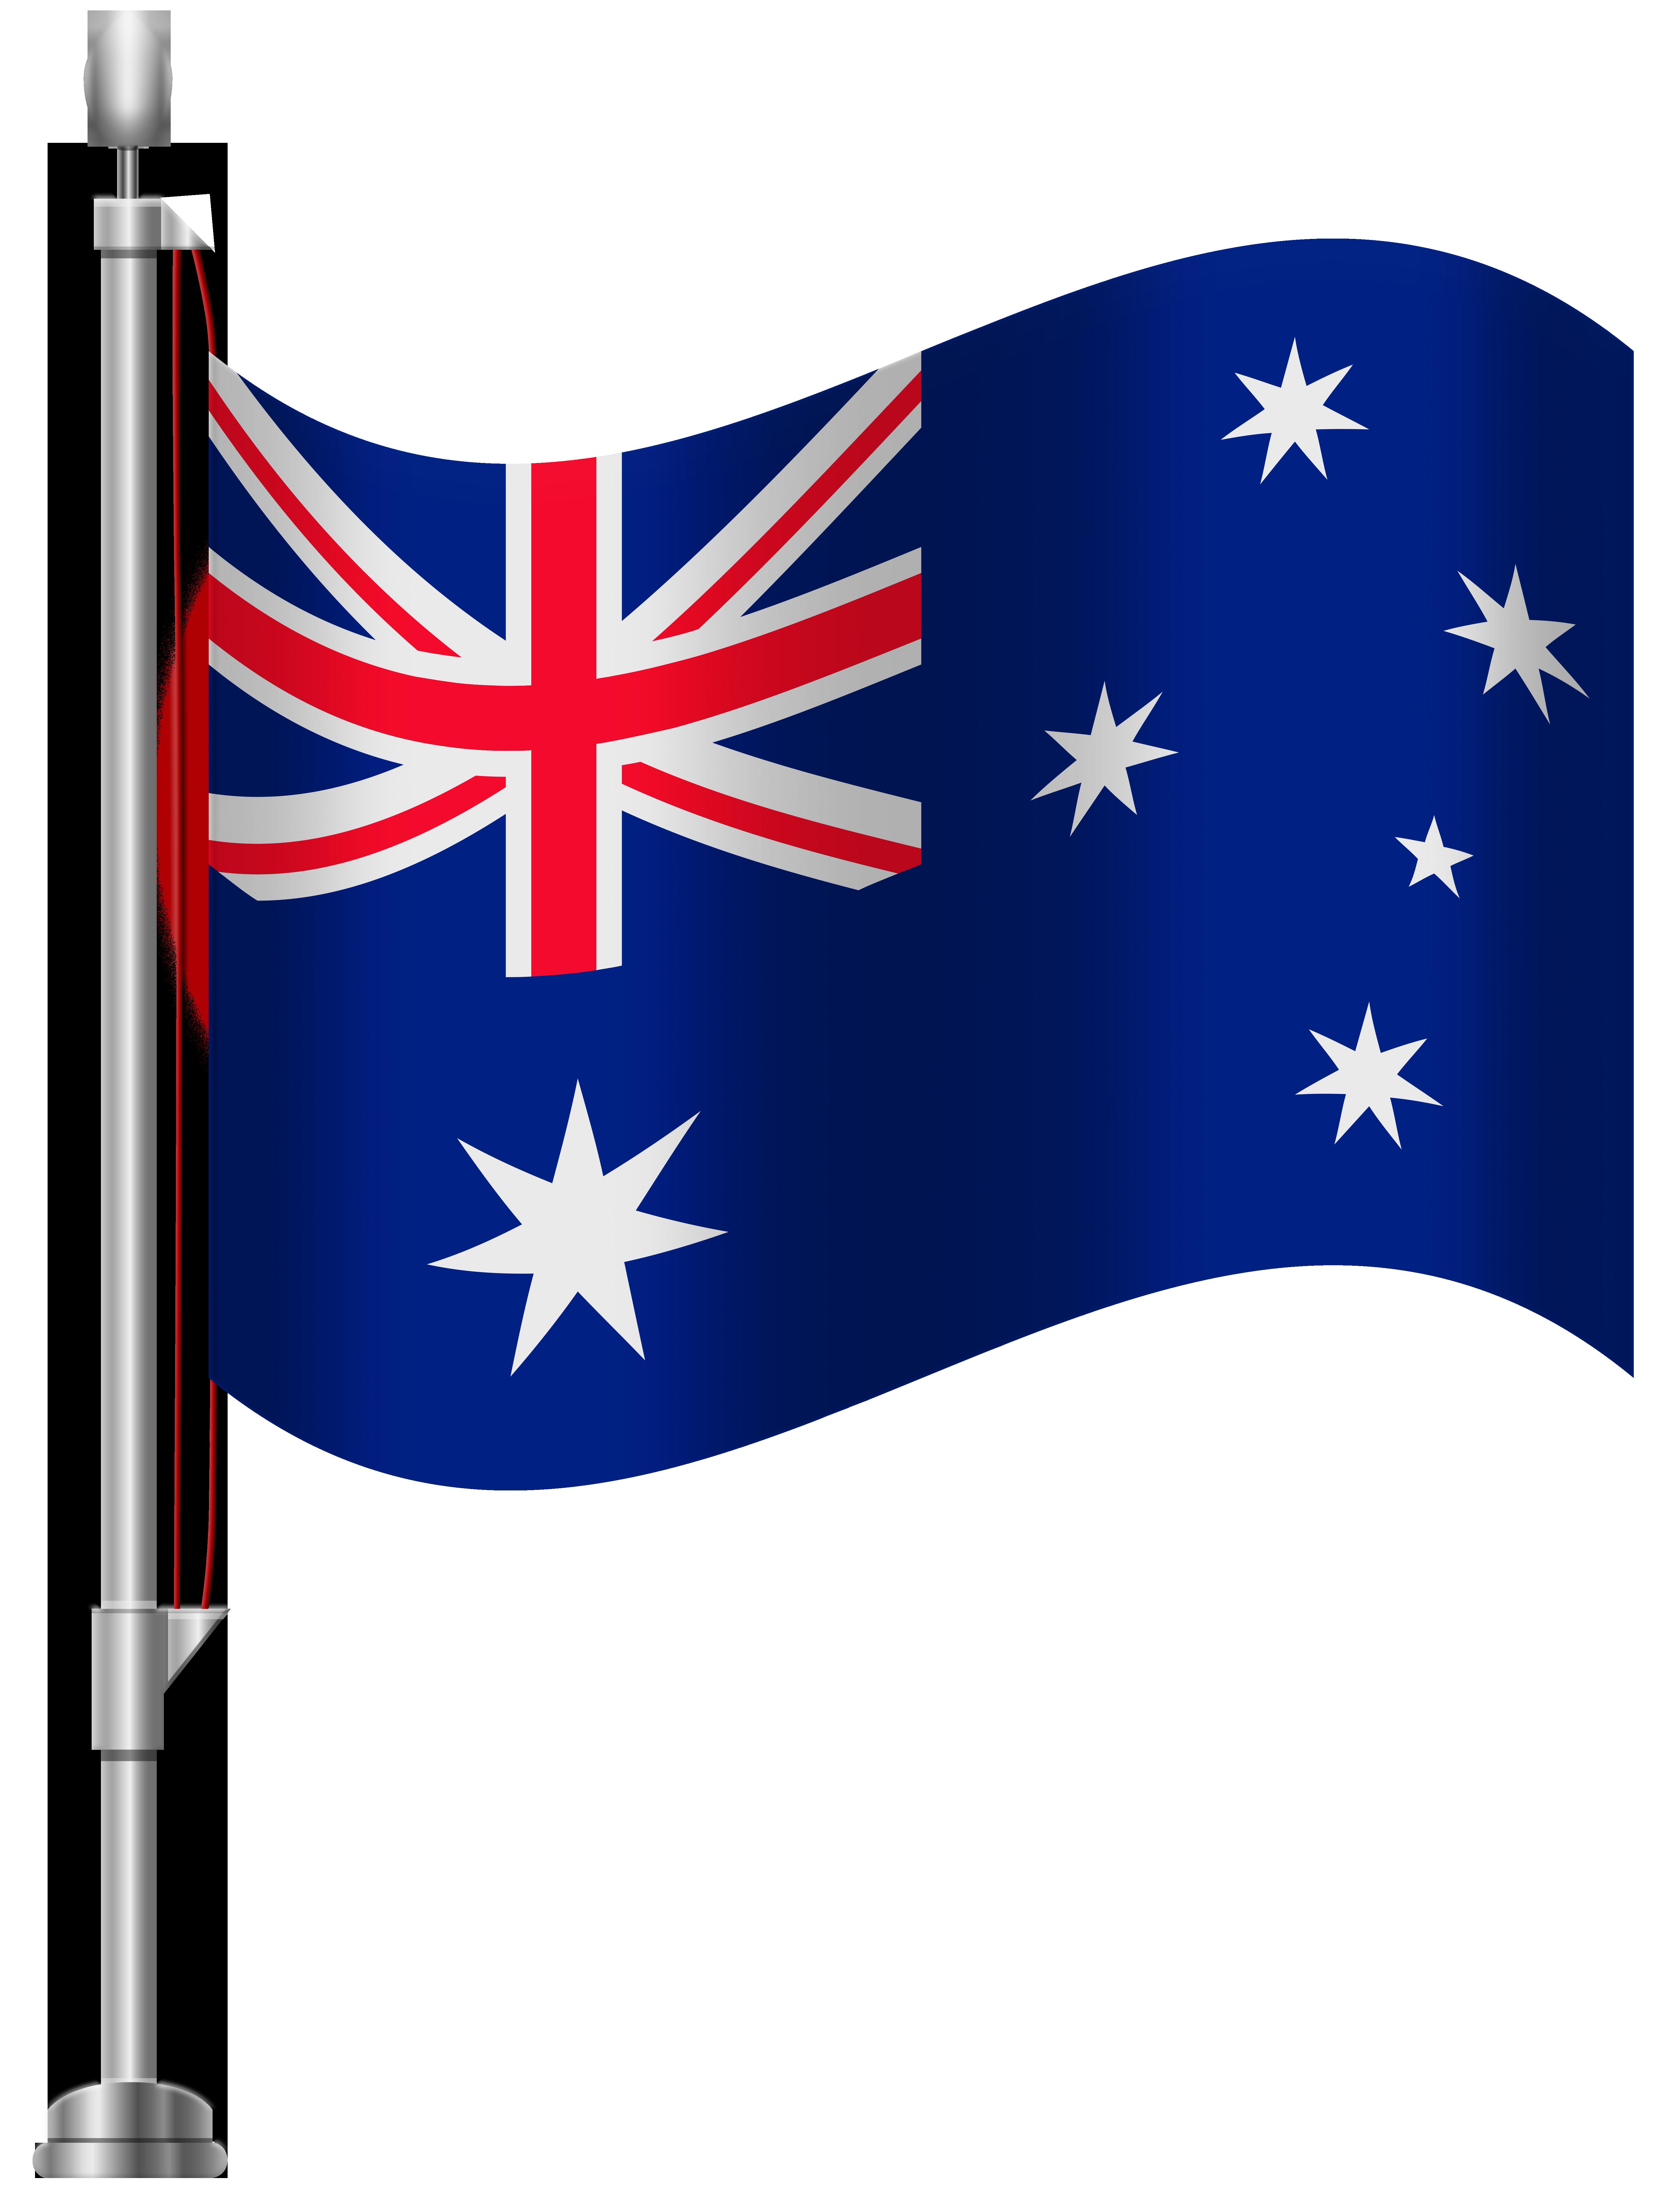 Australian money clipart free jpg black and white download Australia Flag PNG Clip Art - Best WEB Clipart jpg black and white download